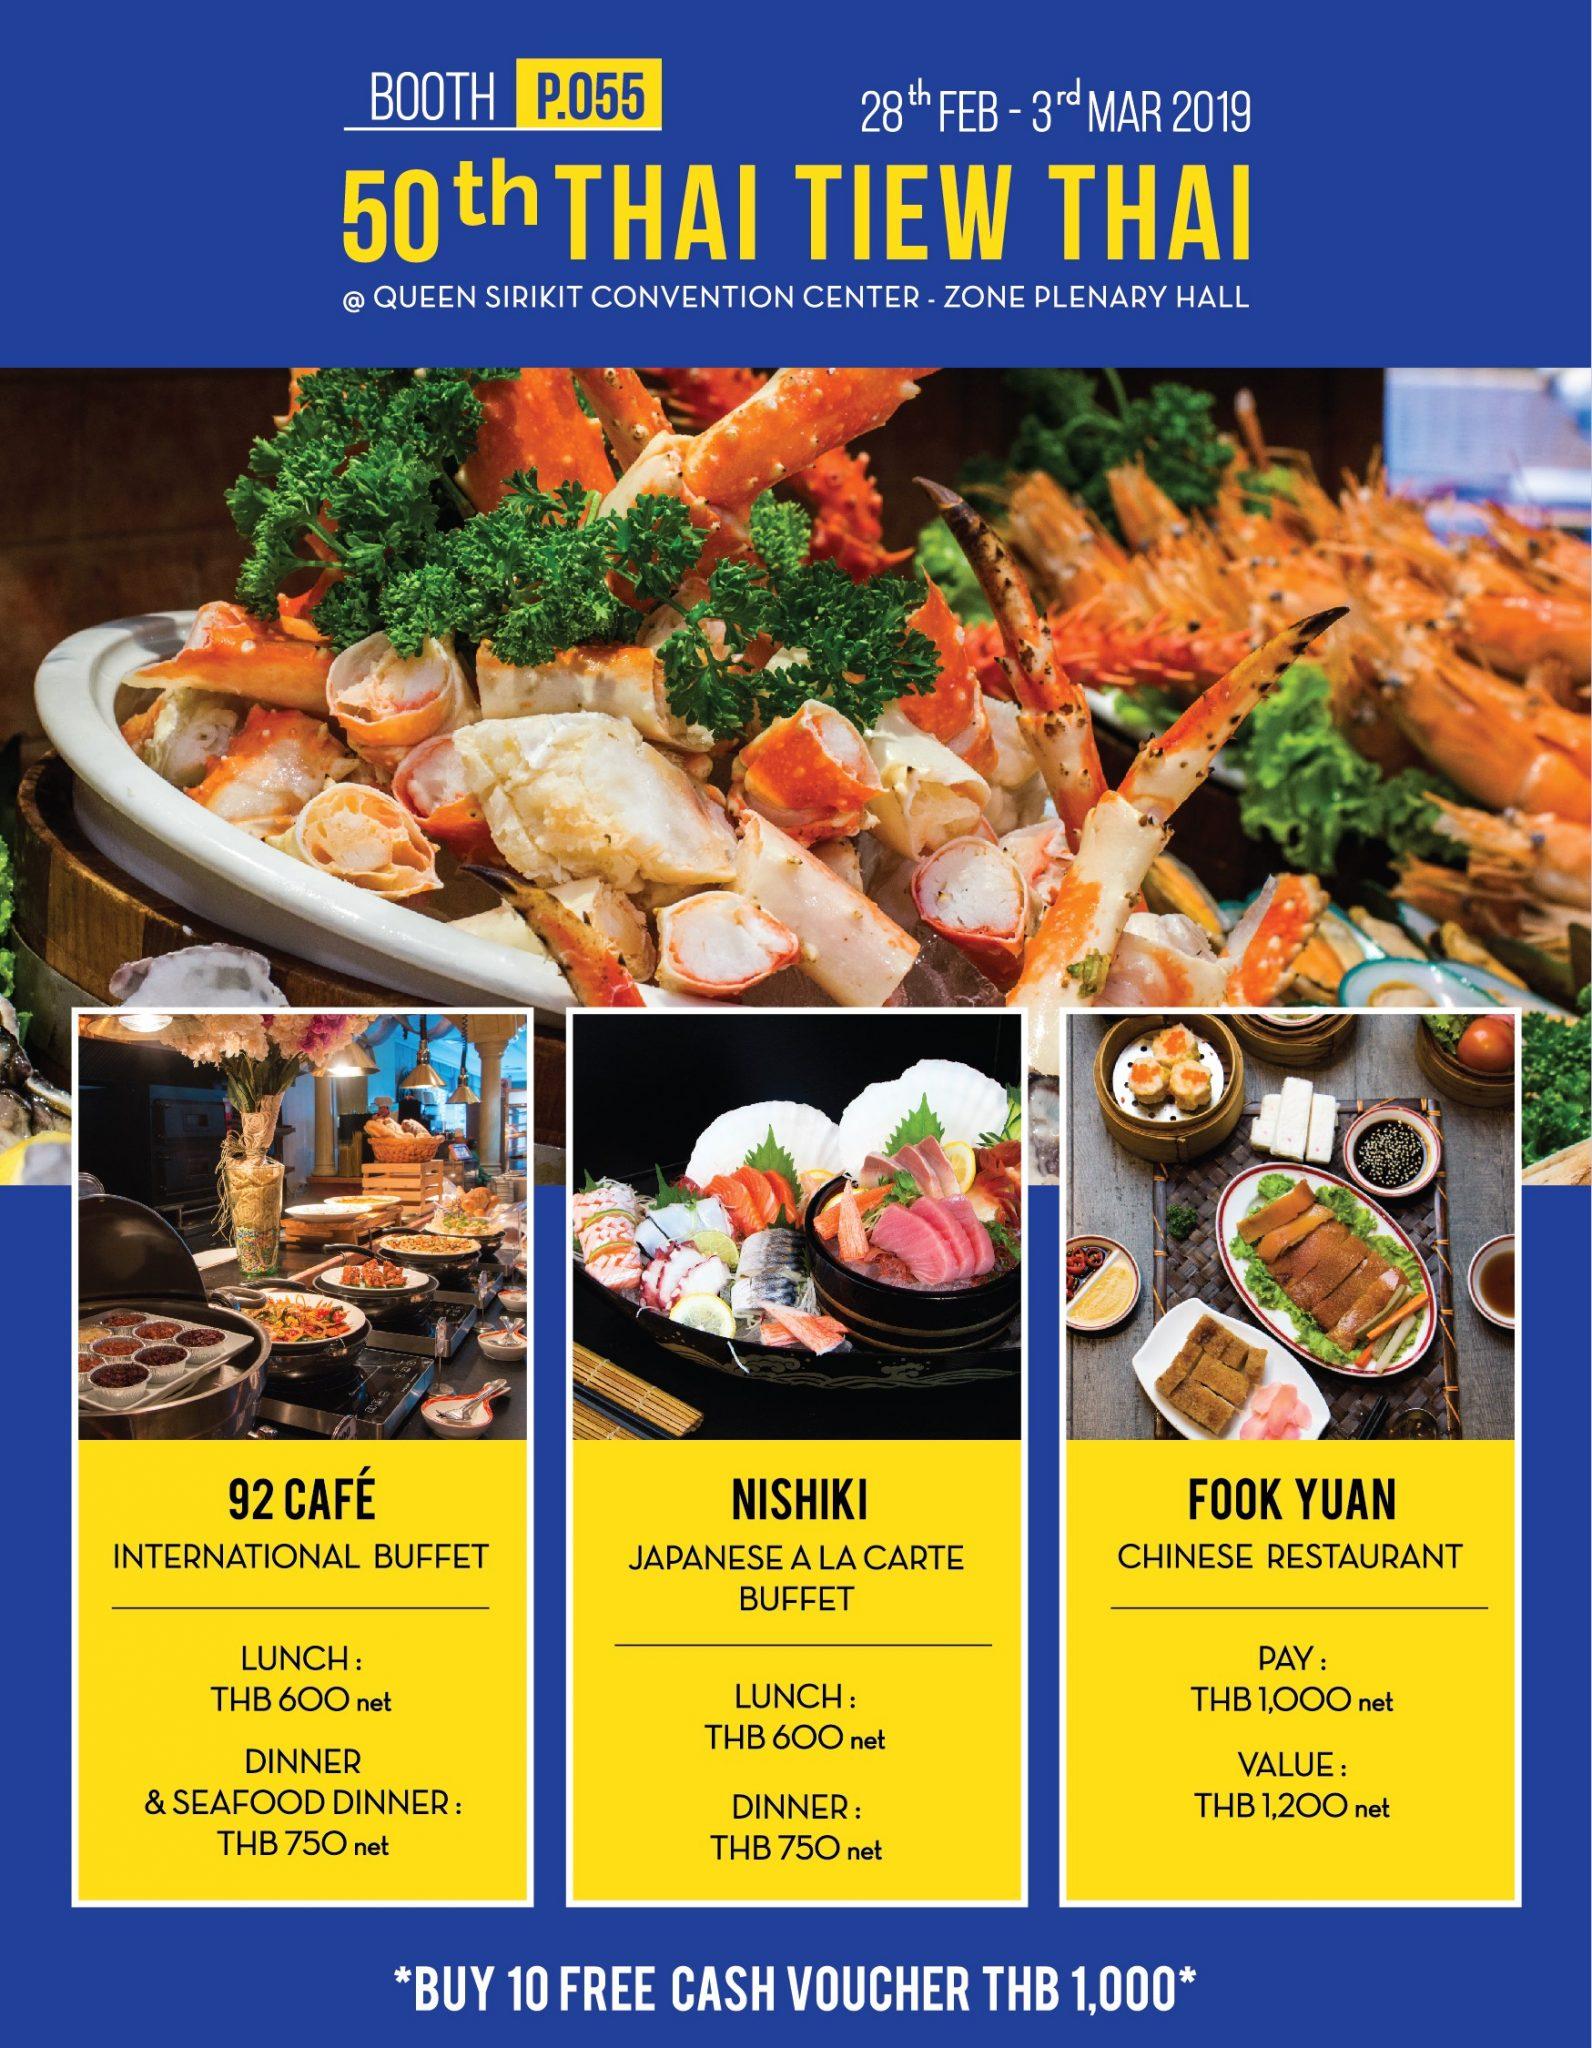 สาวกความอร่อย เชิญทางนี้ คูปองอาหารราคาพิเศษ งานไทยเที่ยวไทย ครั้งที่ 50 13 -